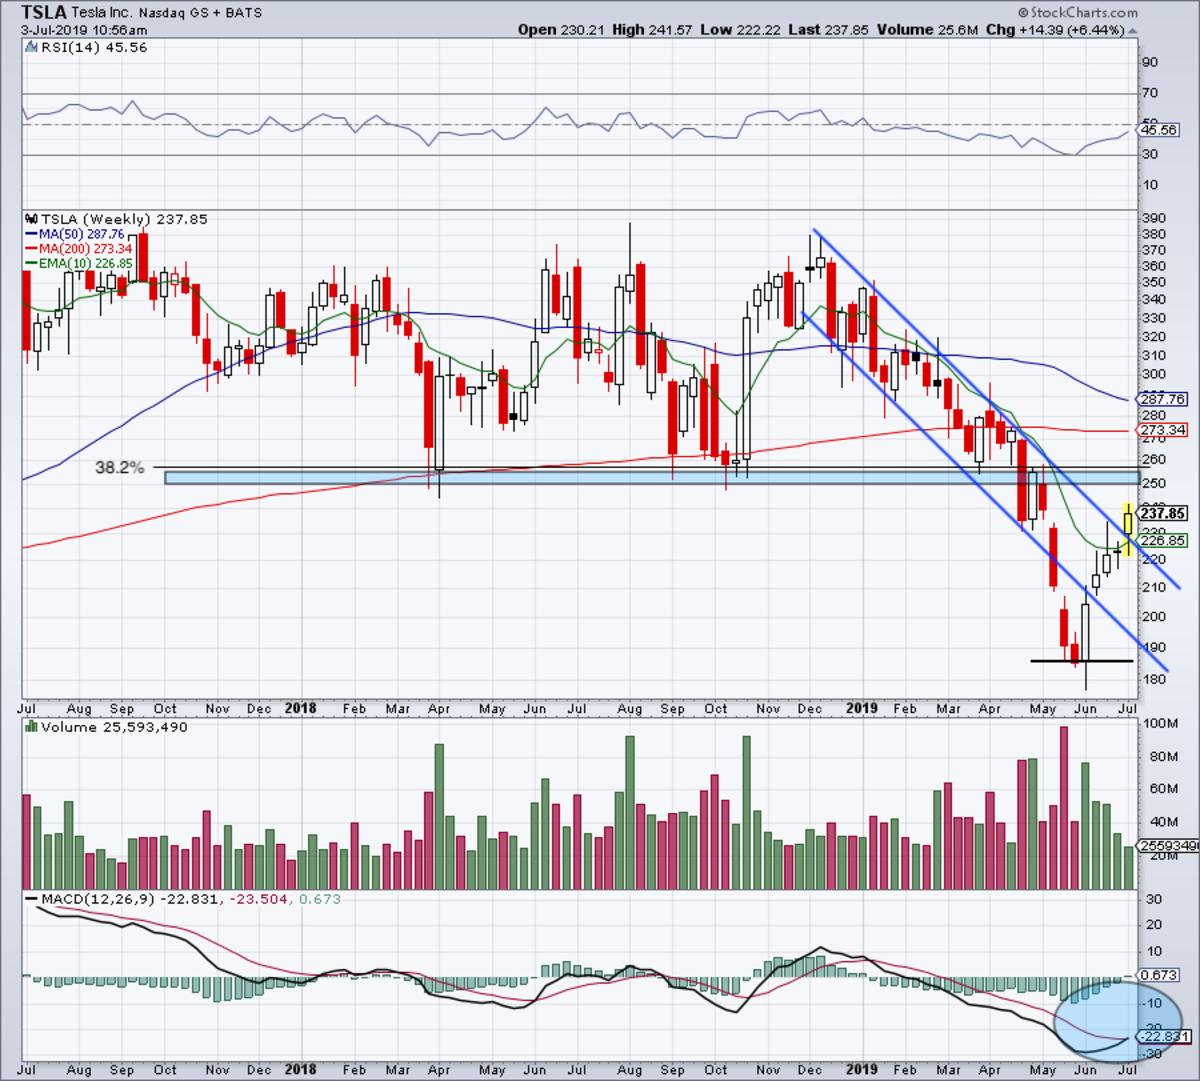 Weekly chart of Tesla stock